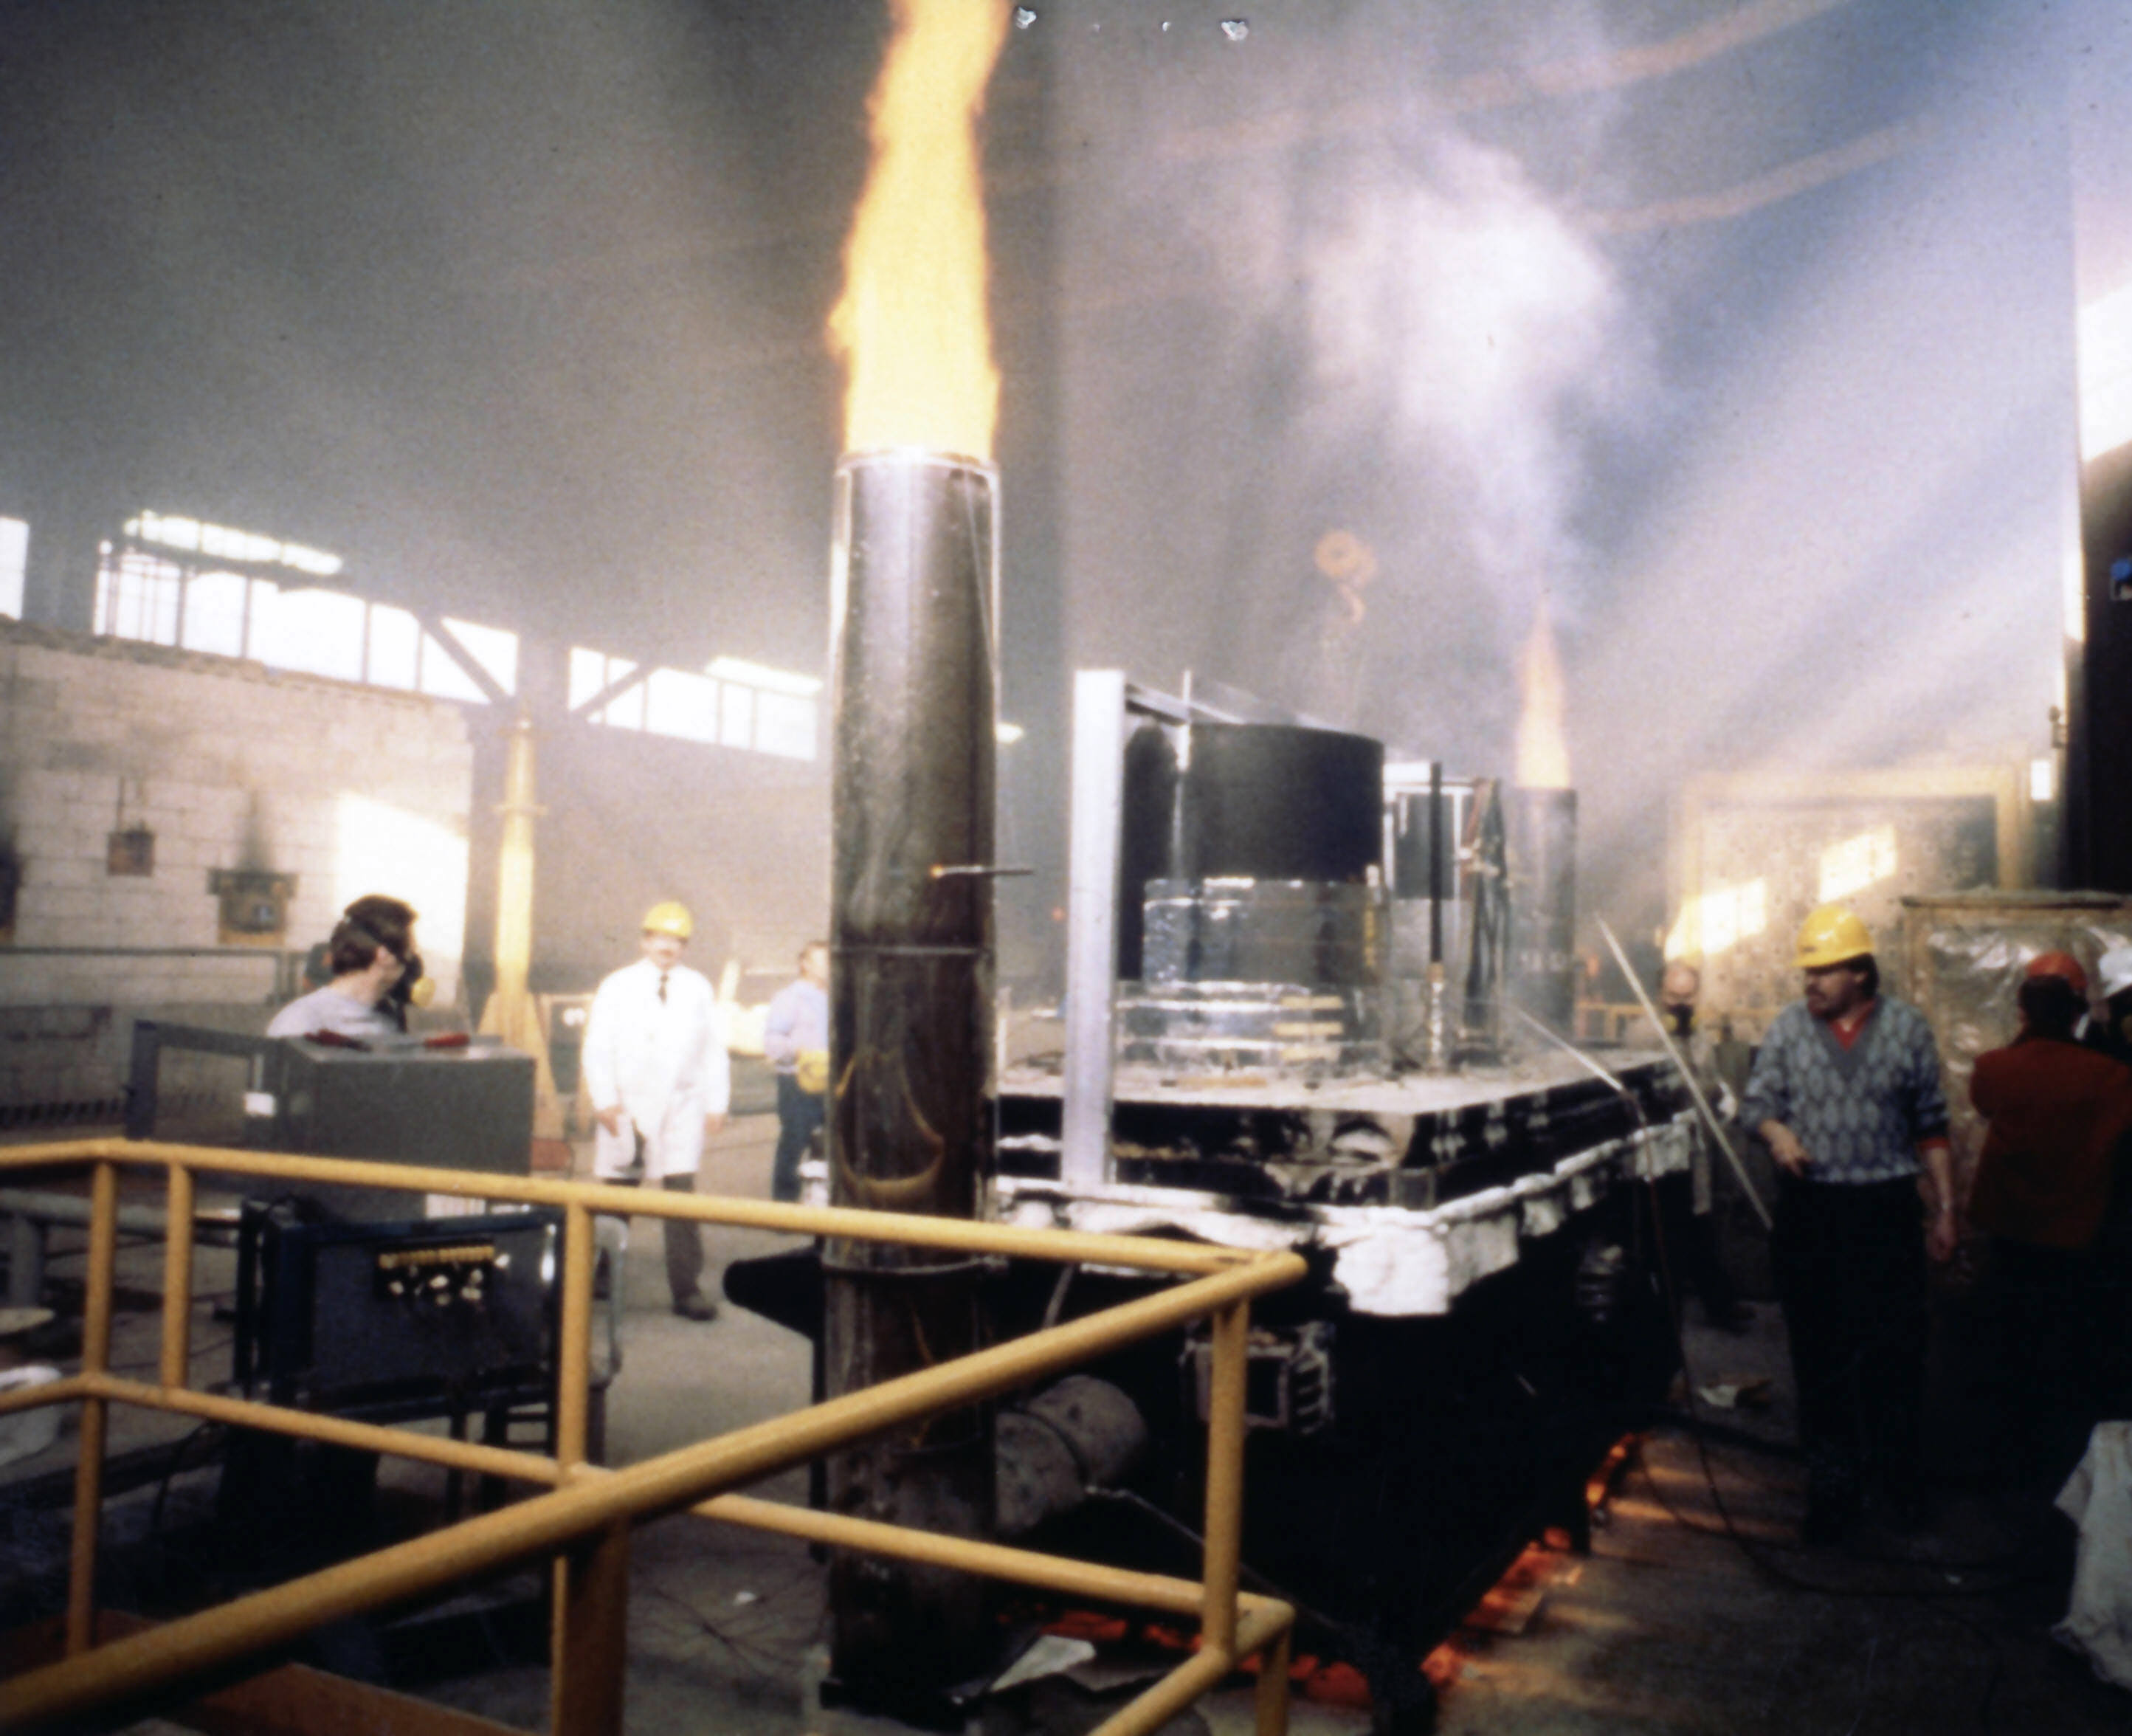 Brandprüfung zur Erlangung einer Feuerwiderstandsklasse für Abschottungssysteme in Kanada.